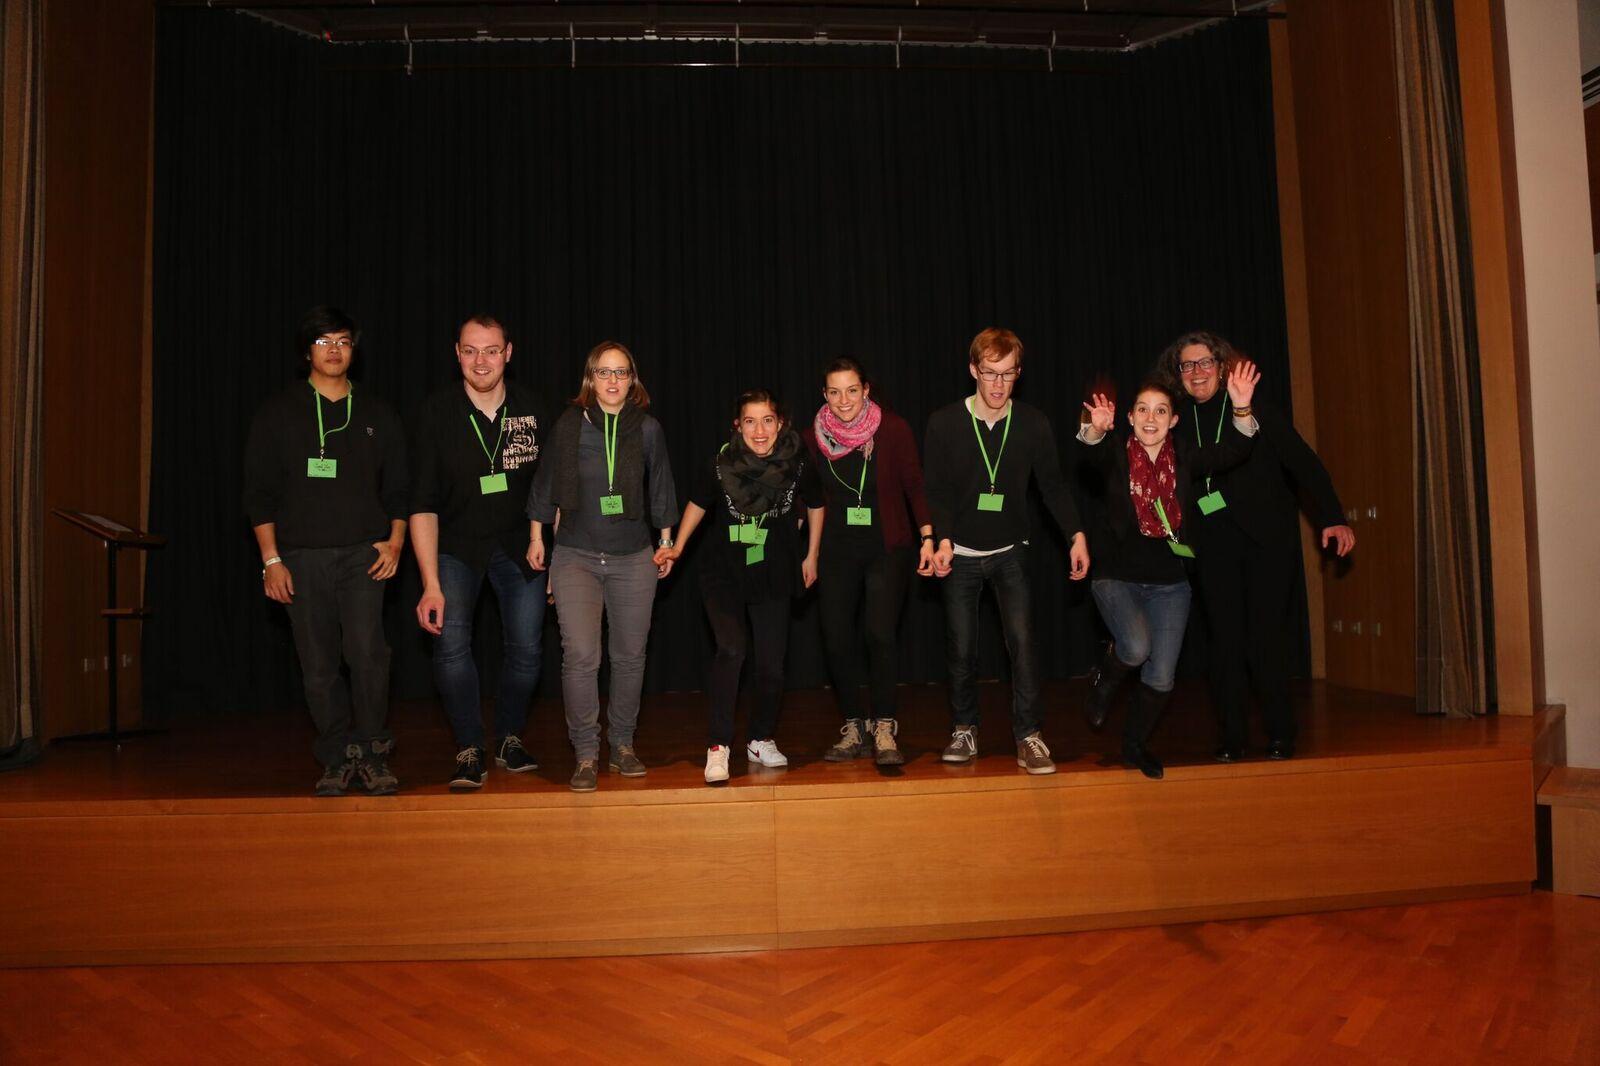 Gelöste Stimmung beim Orga-Team. Der Spirit-Poetry-Slam war ein voller Erfolg